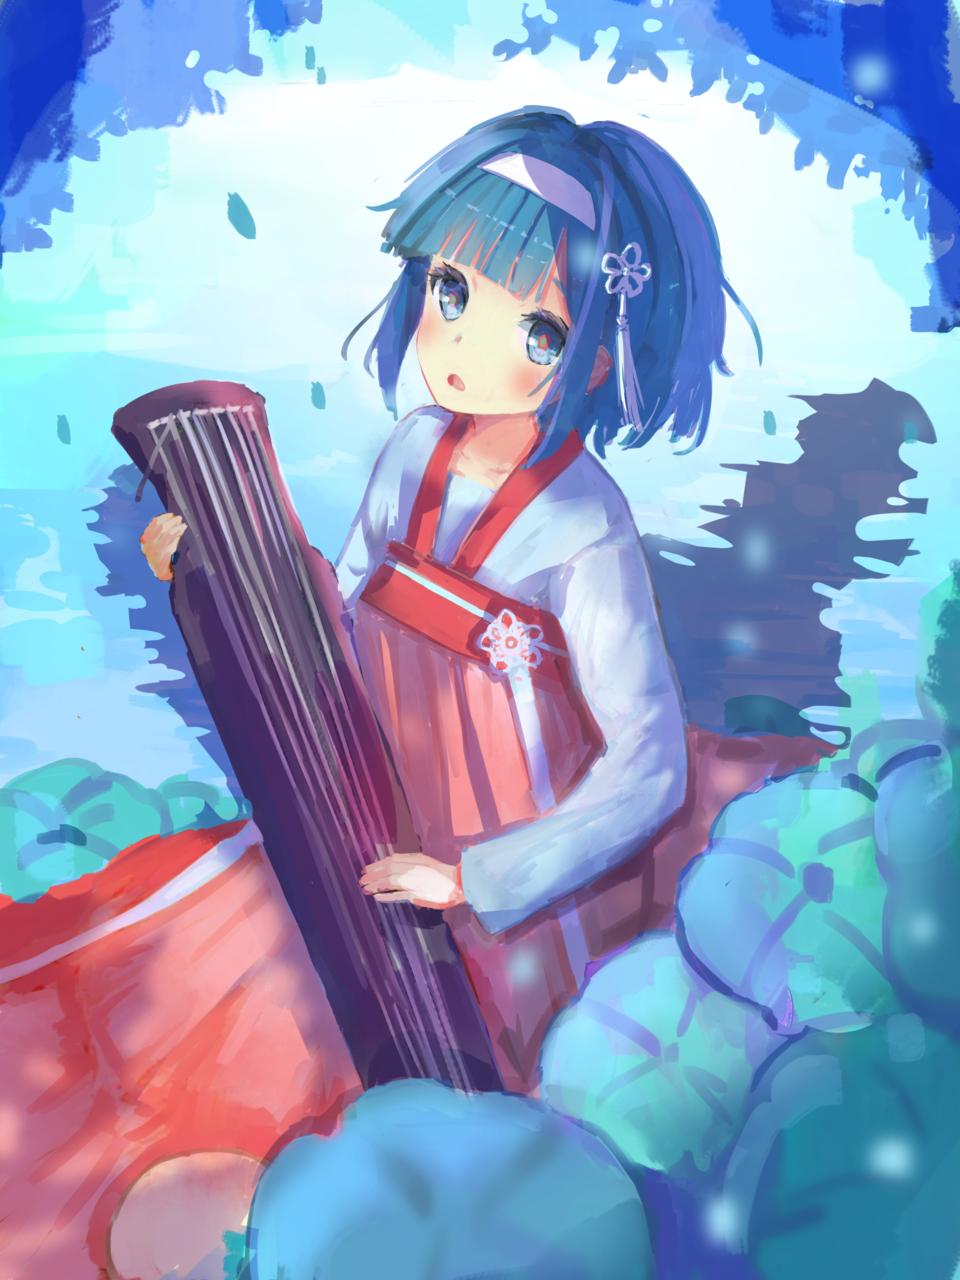 蓮 Illust of 千弦 January2021_Contest:OC cute girl 中国風 oc original 青い animegirl